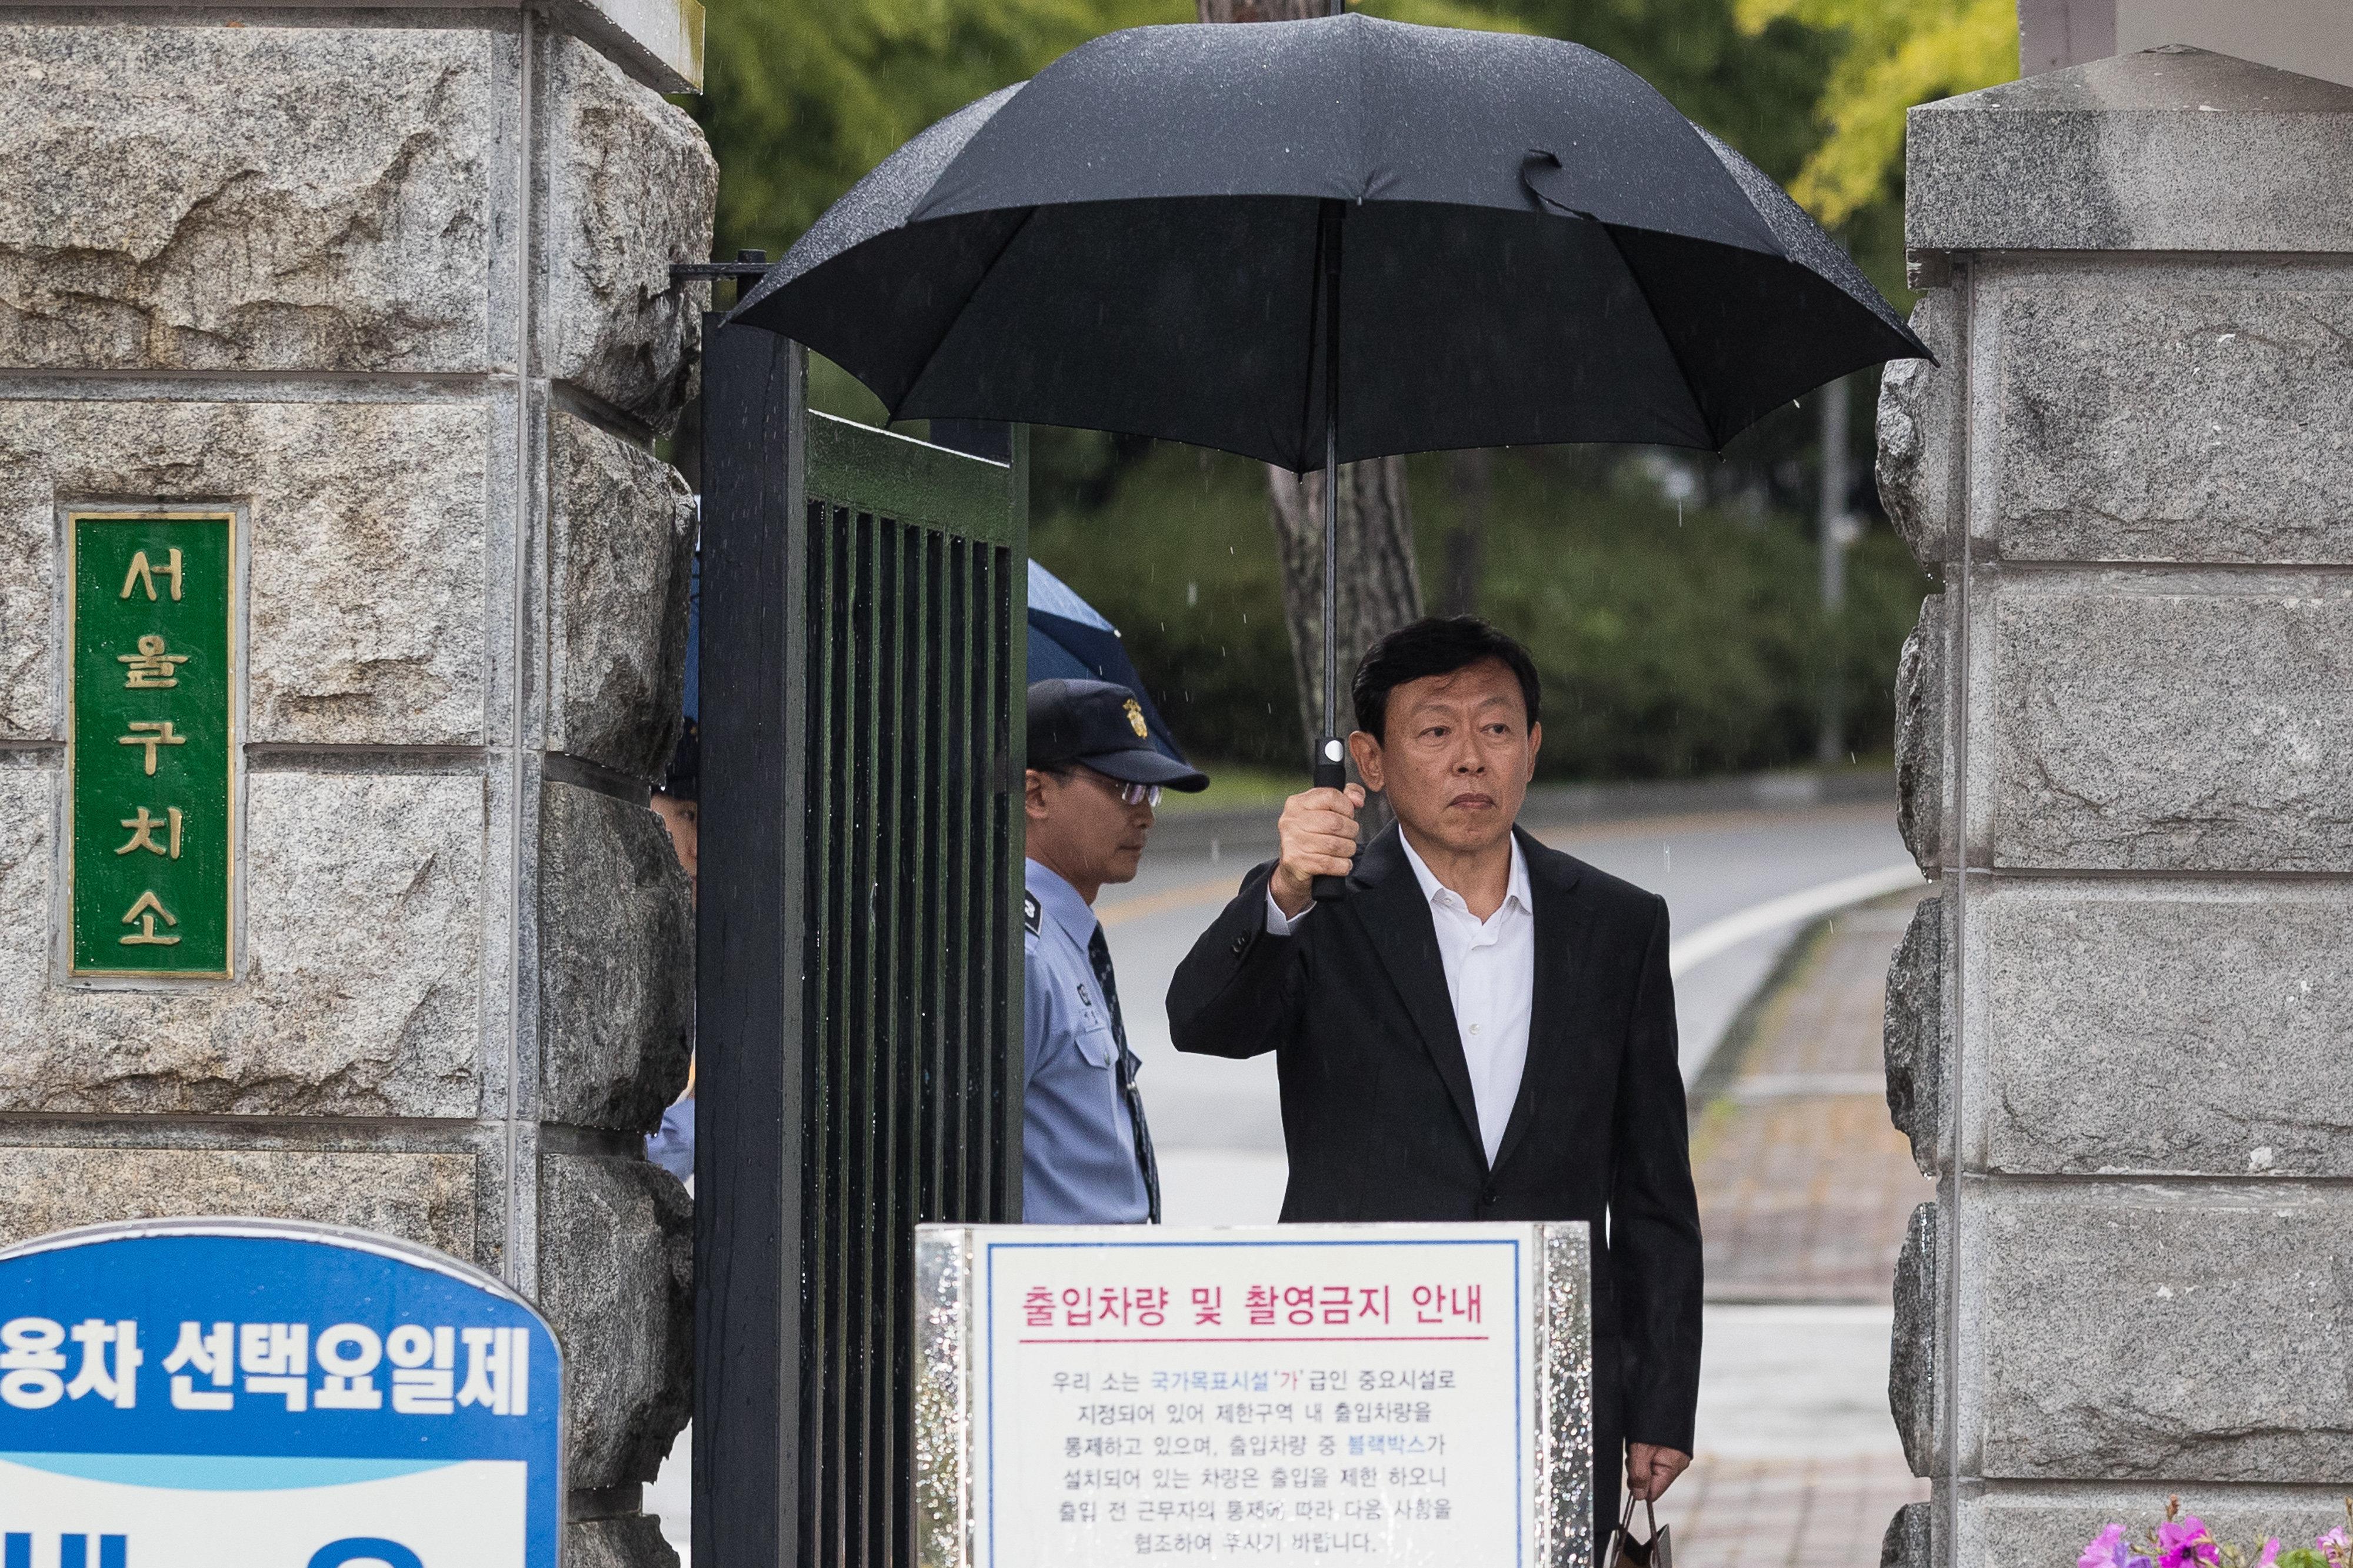 2심에서 풀려난 신동빈 롯데 회장이 우산 쓰고 구치소 걸어나와 한